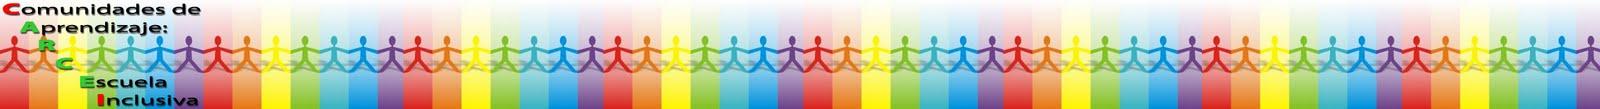 Comunidades de Aprendizaje: Una Escuela Inclusiva